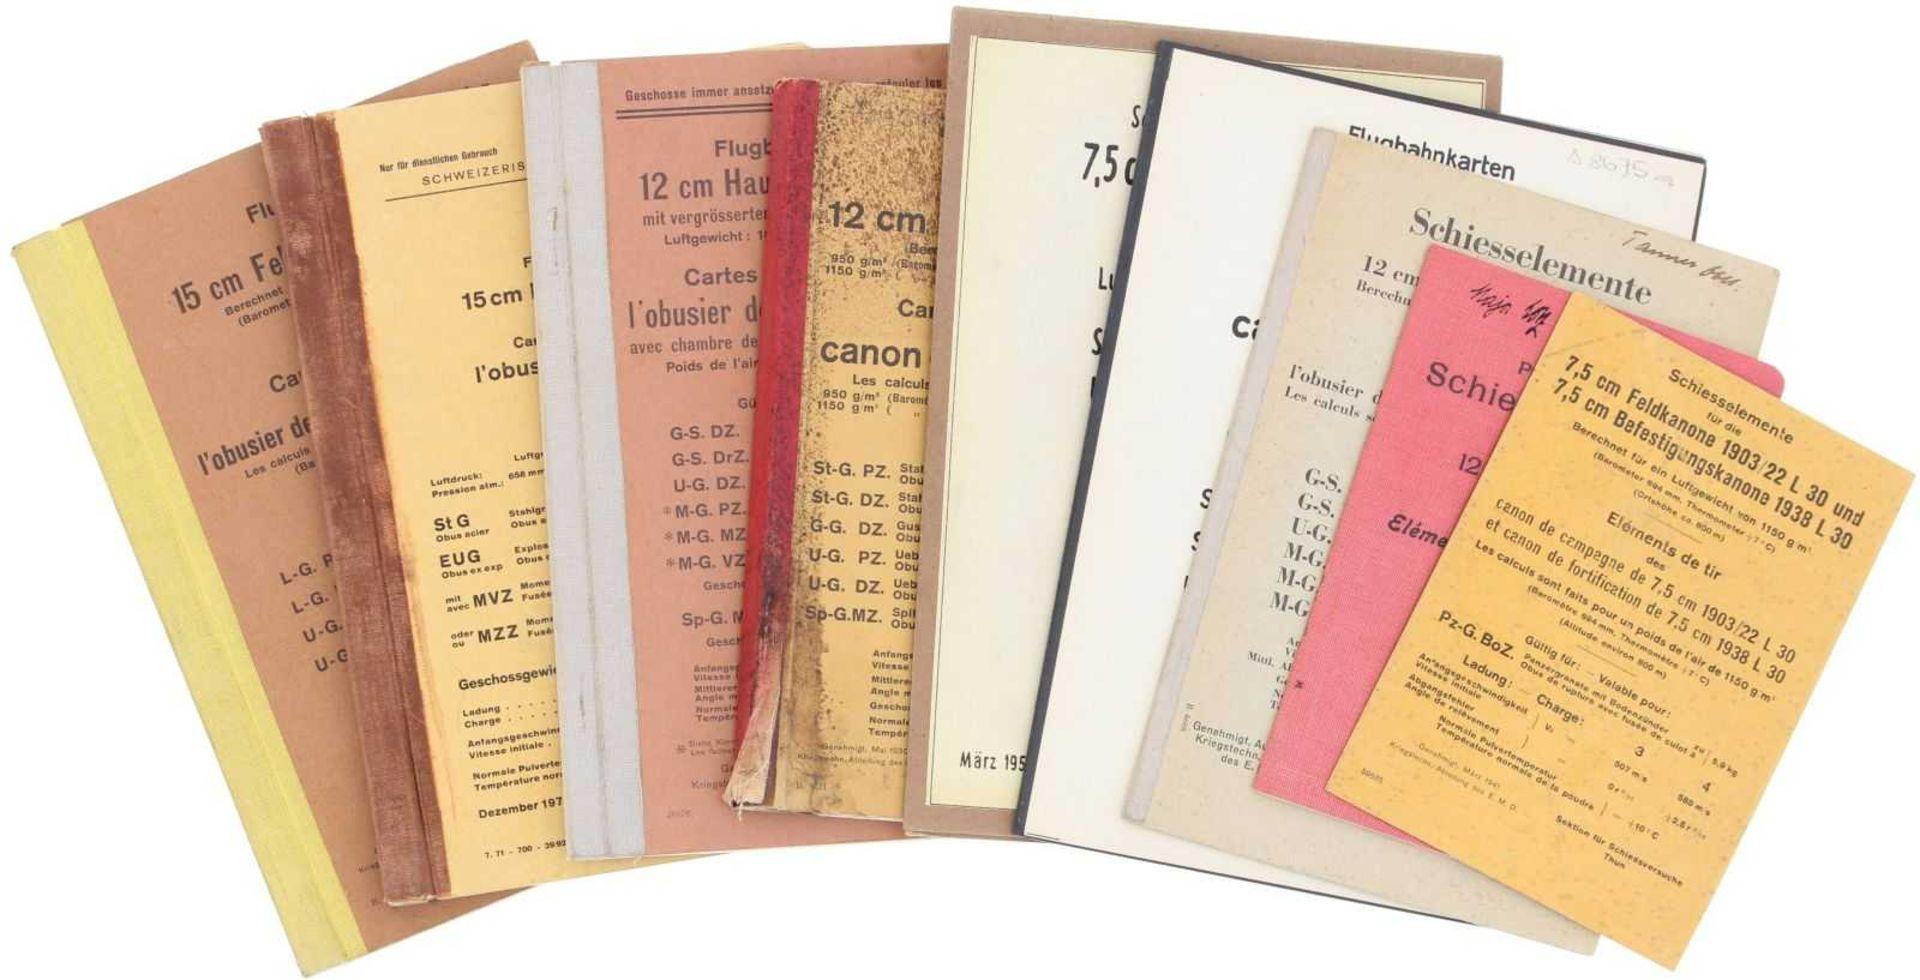 Konvolut von 9 Artillerie-Flugbahnkarten und Schiesselementtabellen 5 Stk. Flugbahnkarten zu: 15cm